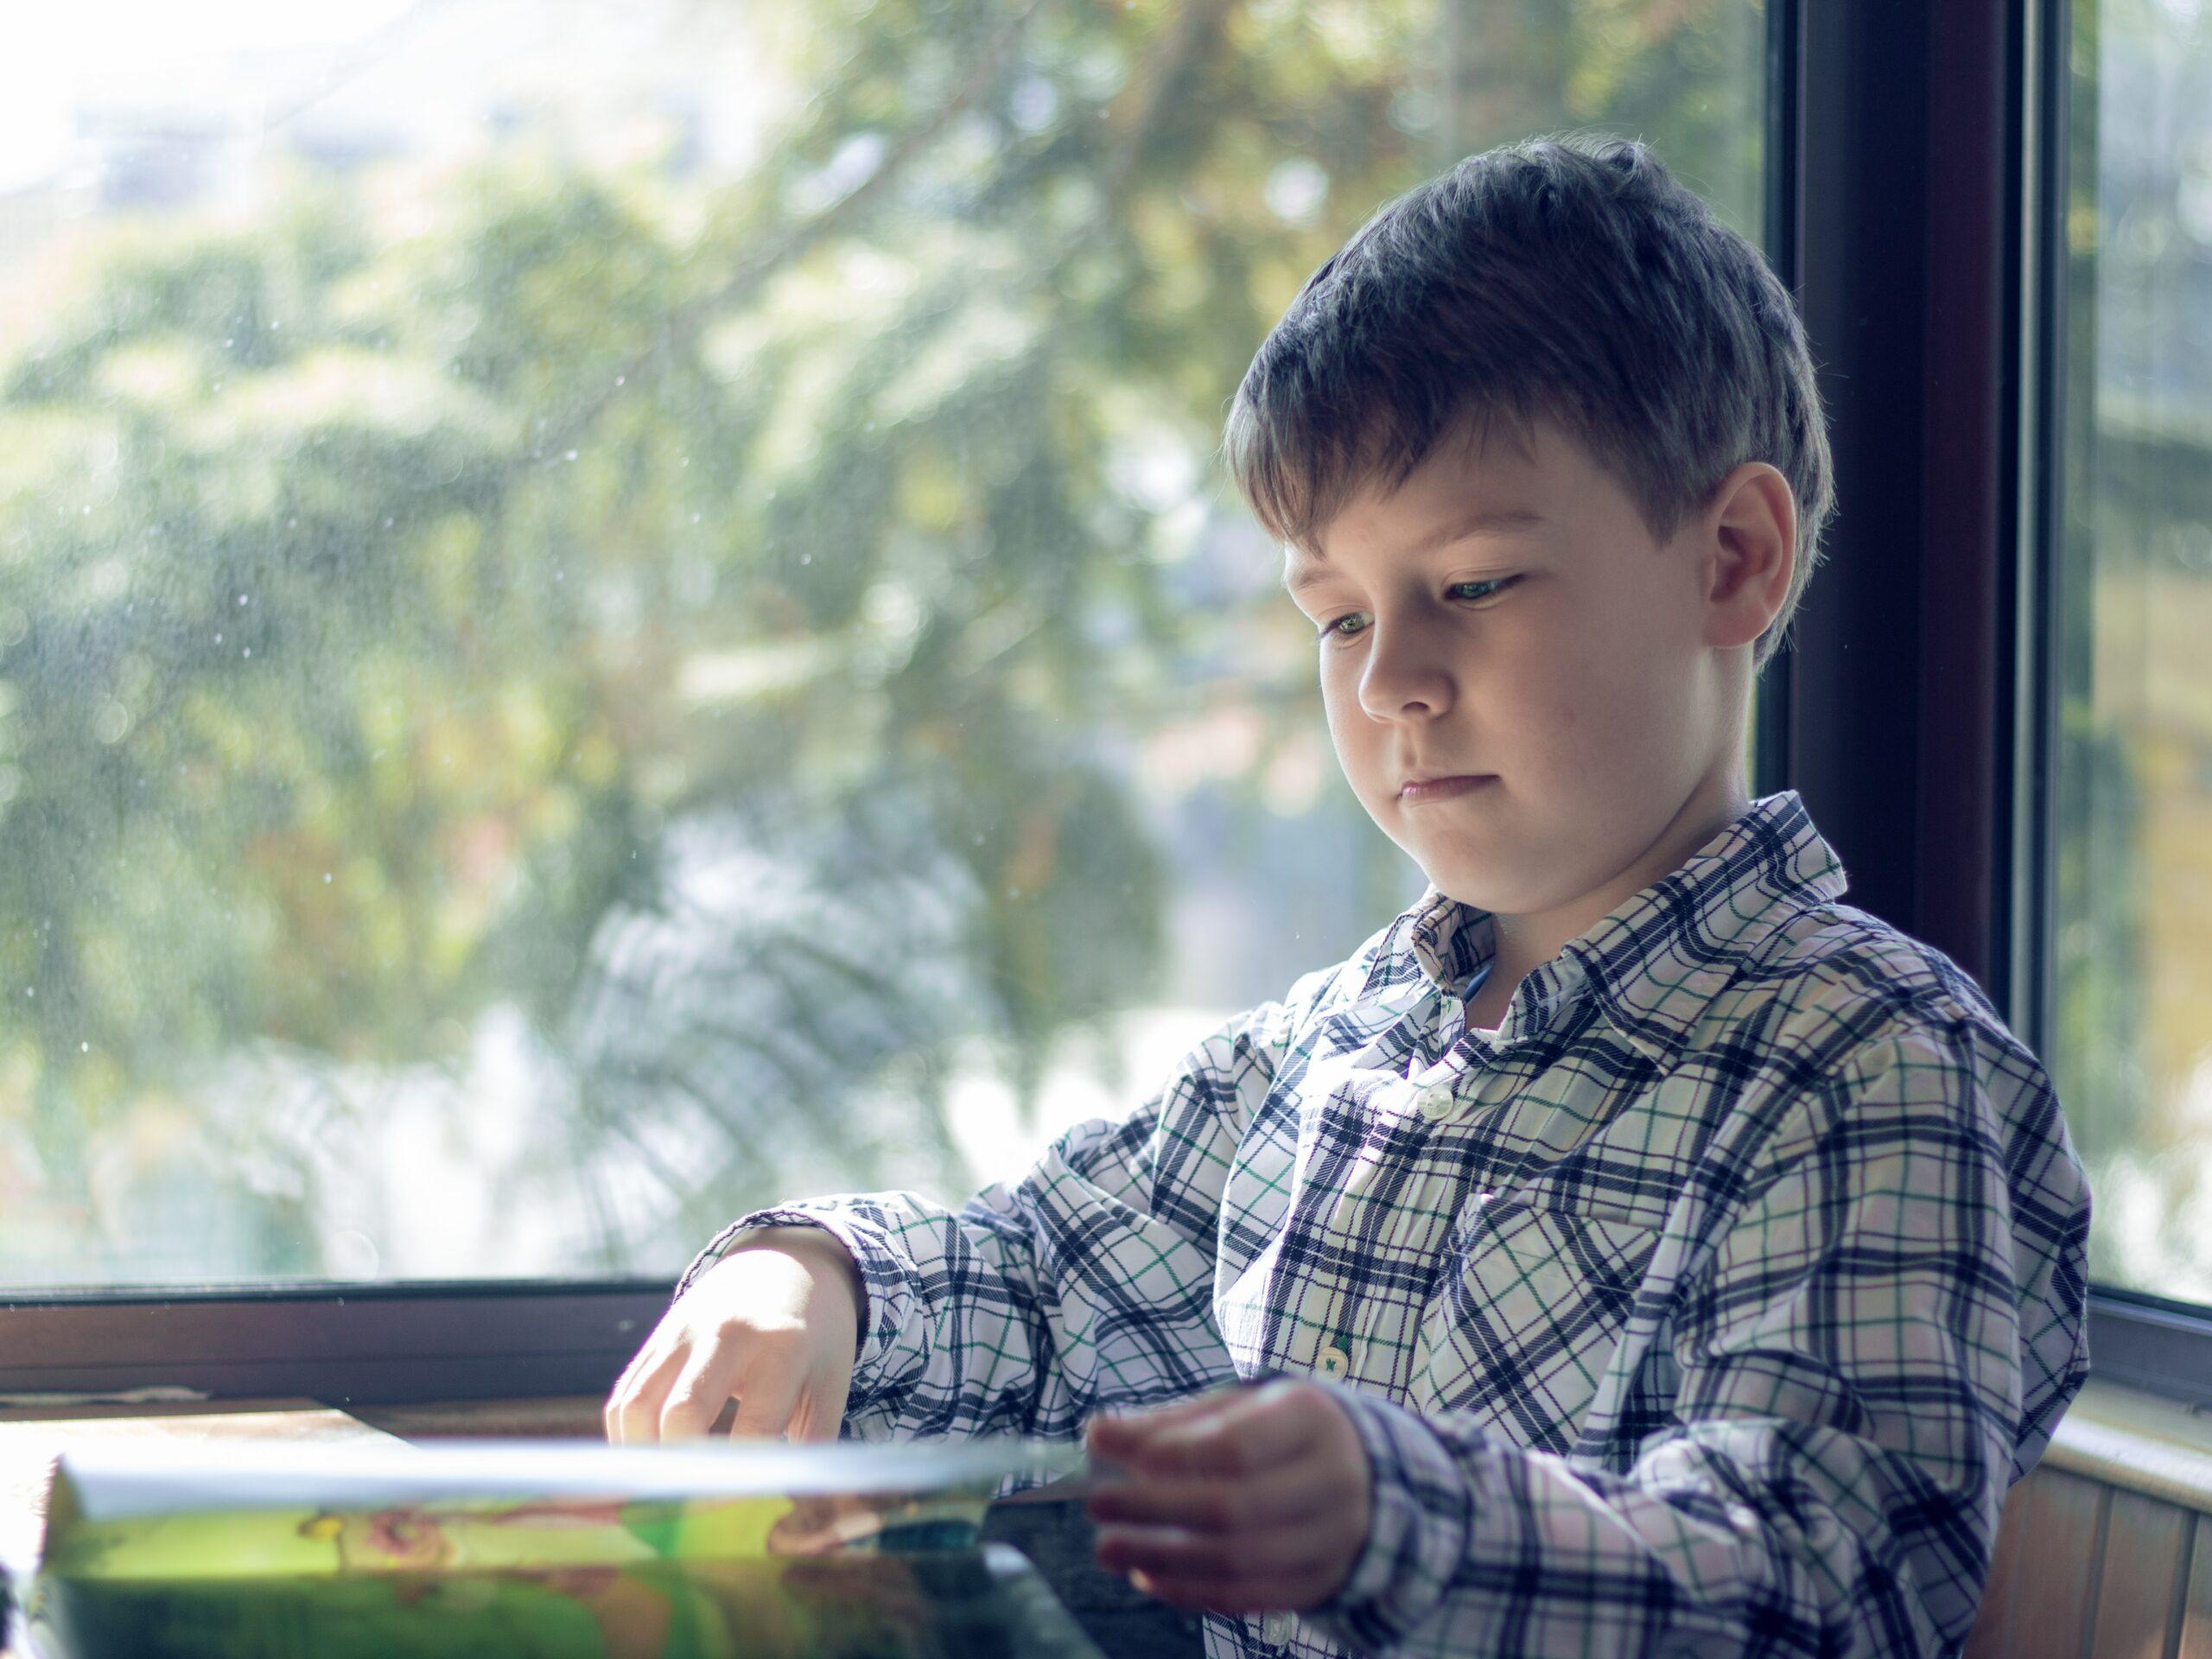 Leuke prentenboeken voor kinderen: top 5